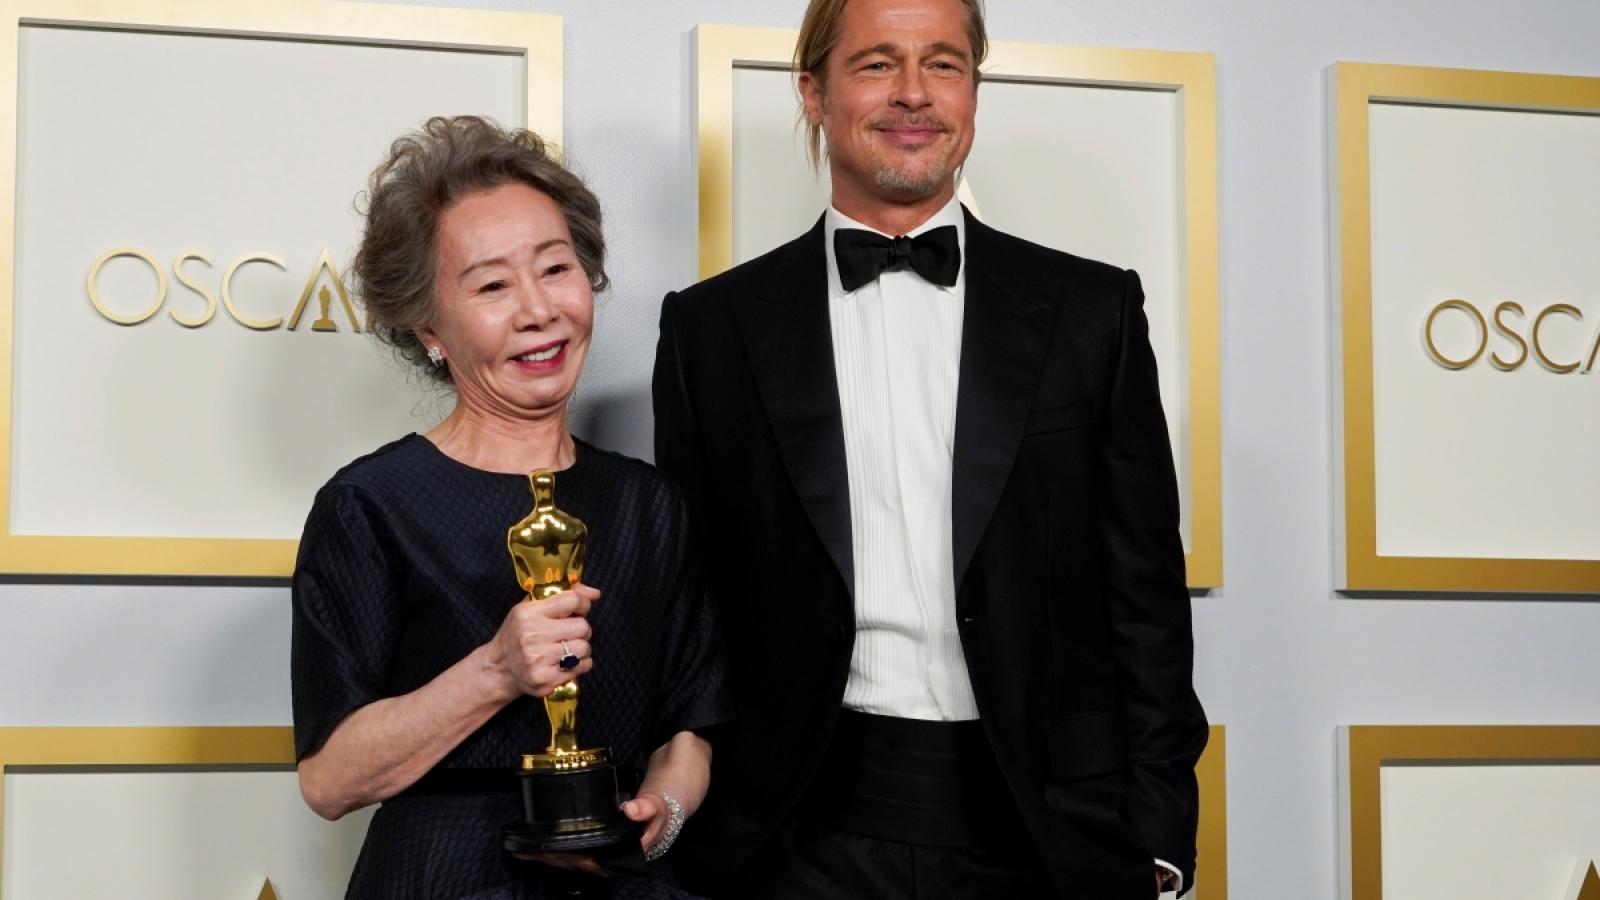 Đoạt giải Oscar, nữ diễn viên Youn Yuh-jung mở ra lịch sử mới cho điện ảnh Hàn Quốc